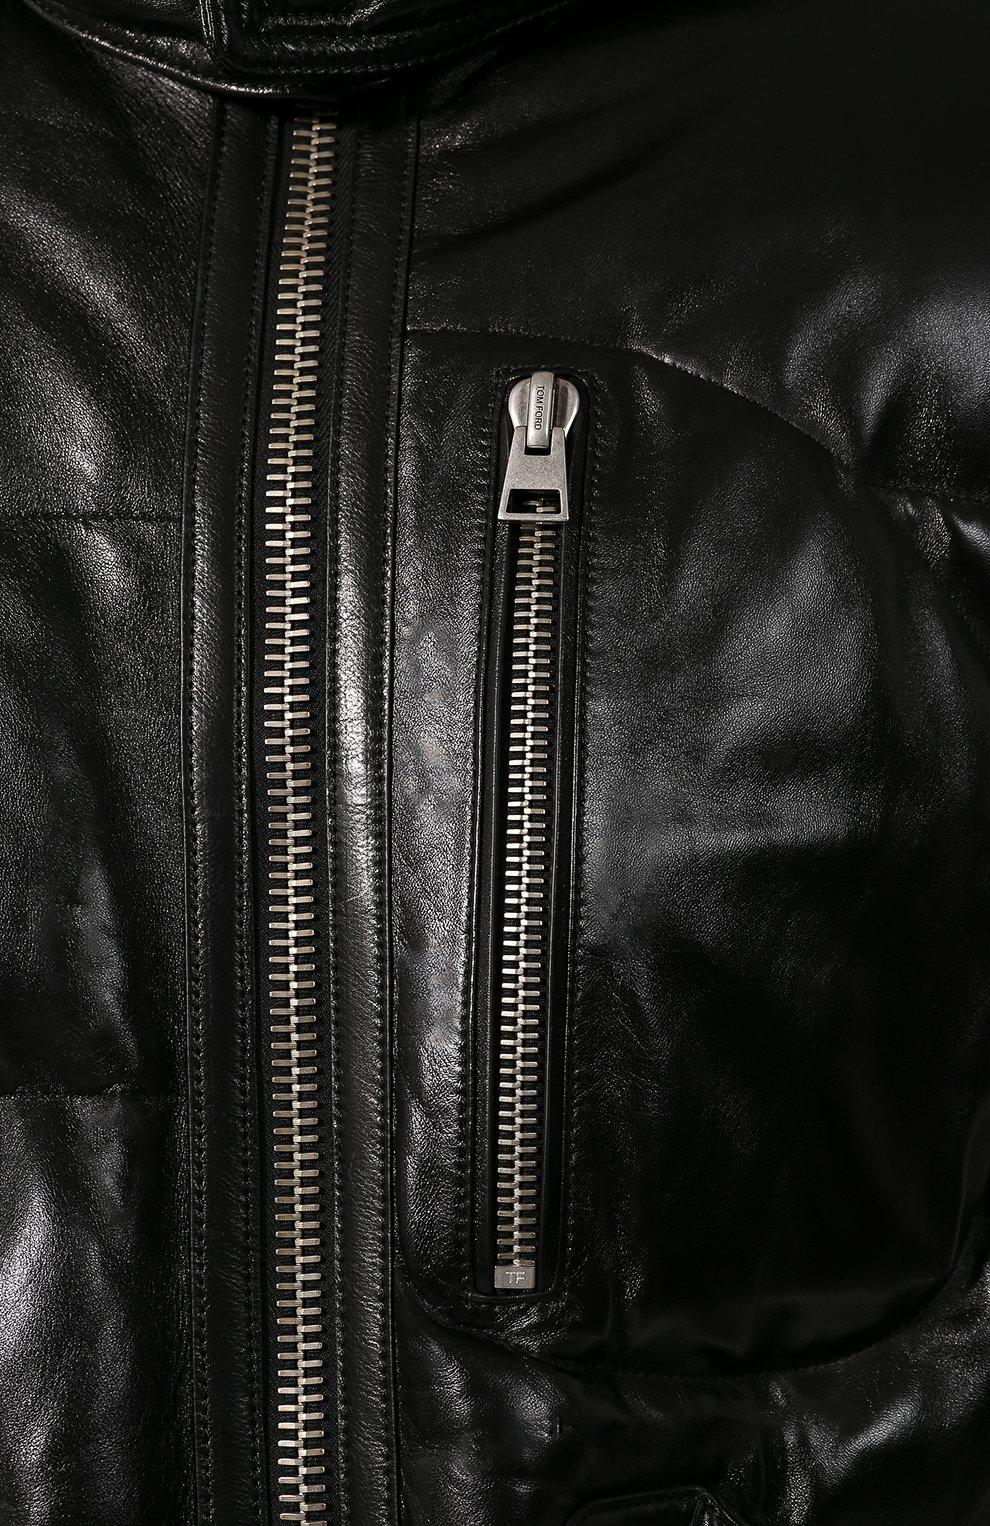 Пуховики мужские Зимние кожаные тки Vintage Leder